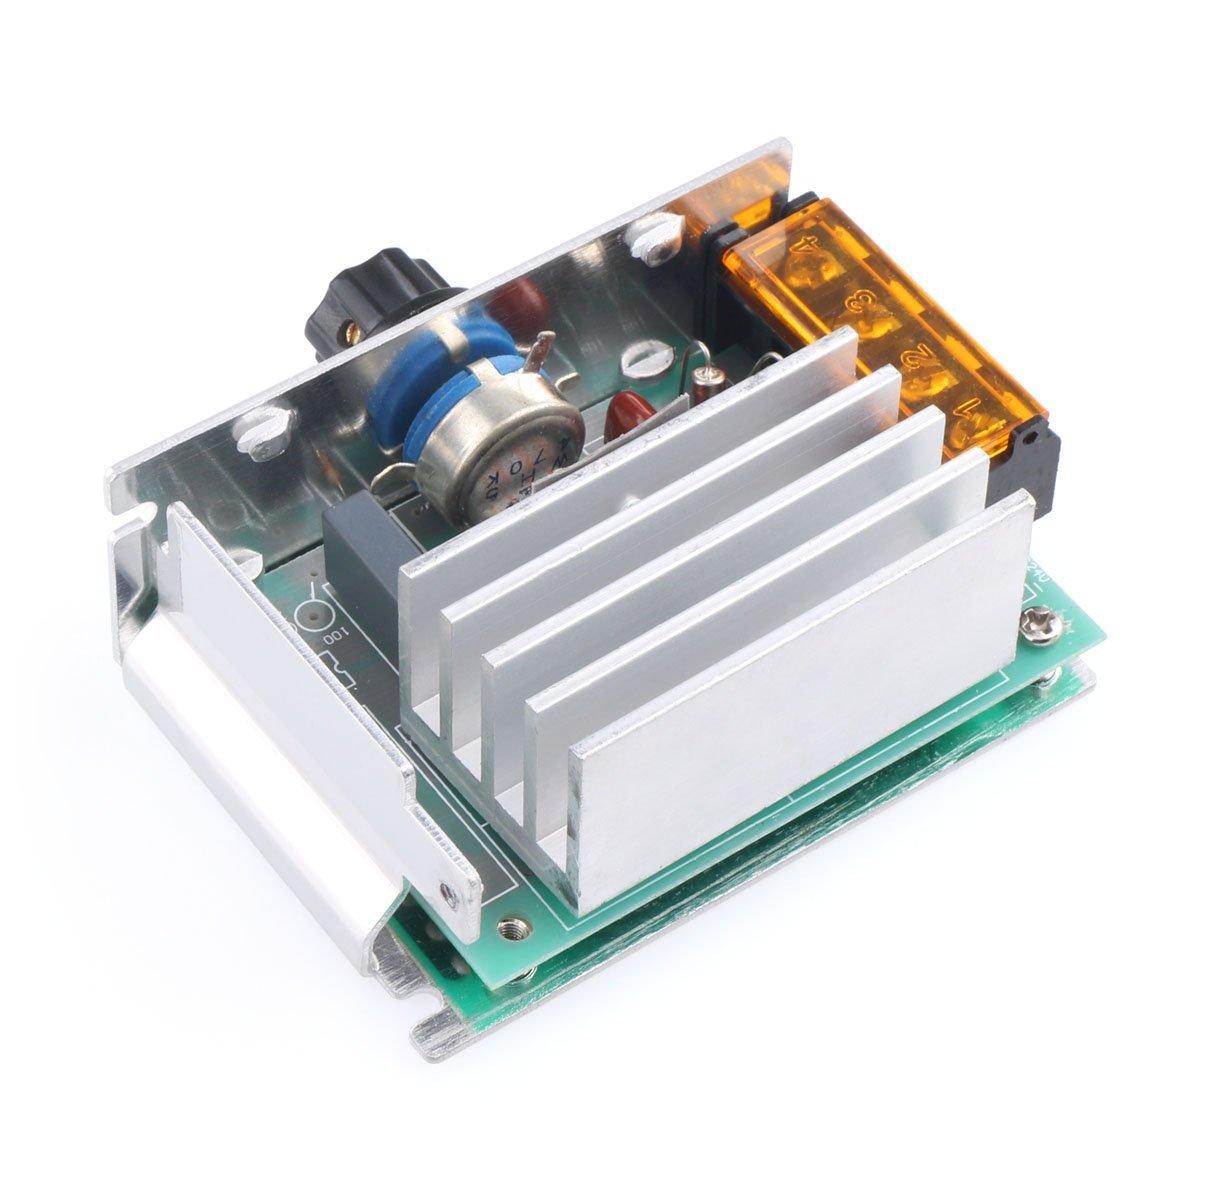 4000w 220v Ac Scr Voltage Regulator Dimmer Electric Motor